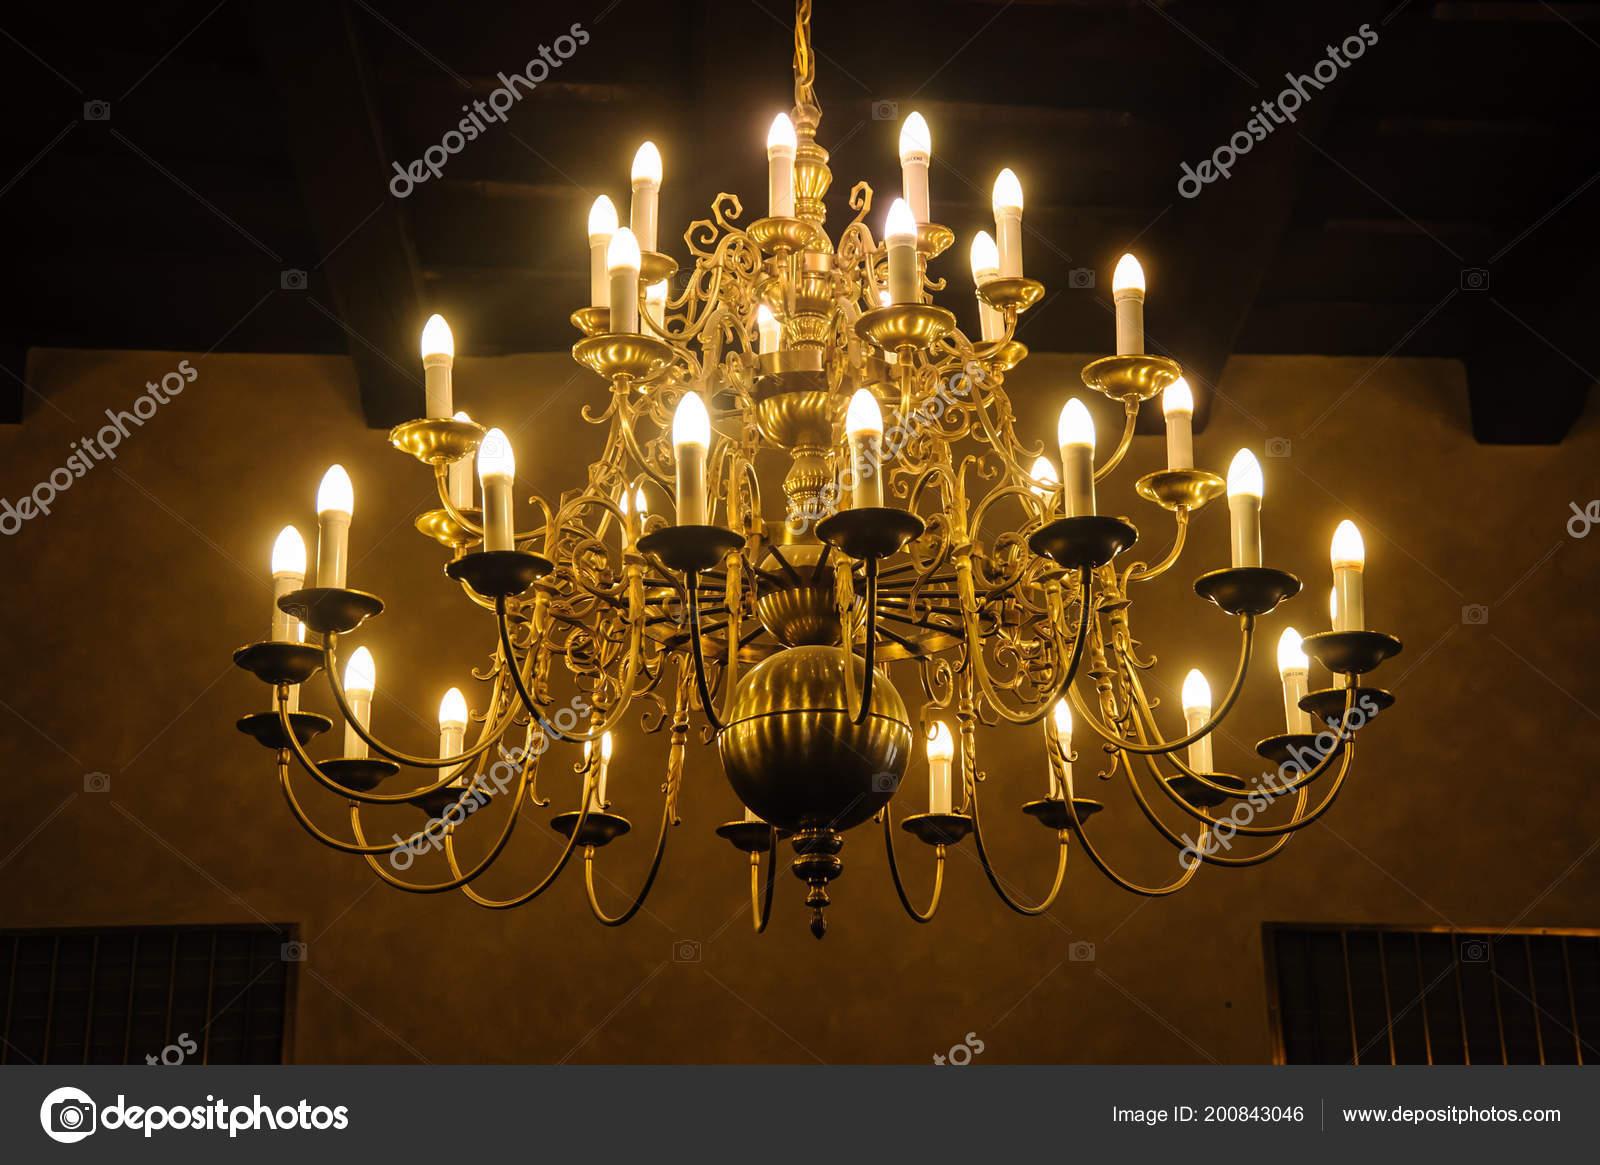 Lampade Da Soffitto Vintage : Vecchia lampada soffitto antico vintage luce candele che pende dal